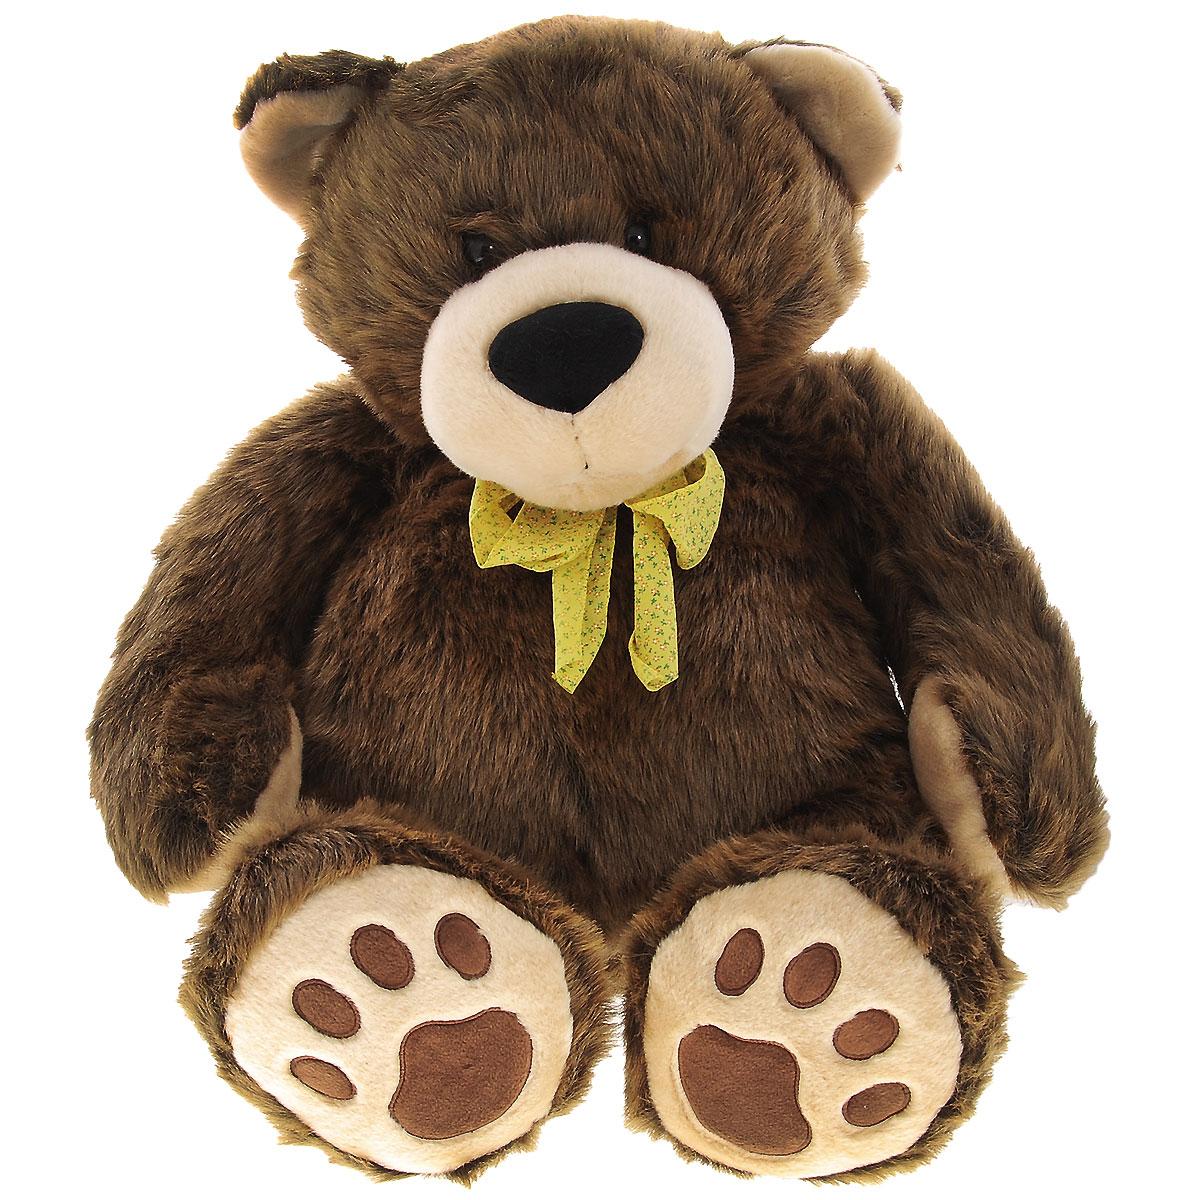 Мягкая игрушка Plush Apple Медведь, цвет: коричневый, 75 см мягкая игрушка plush apple собака с шарфом 28 см